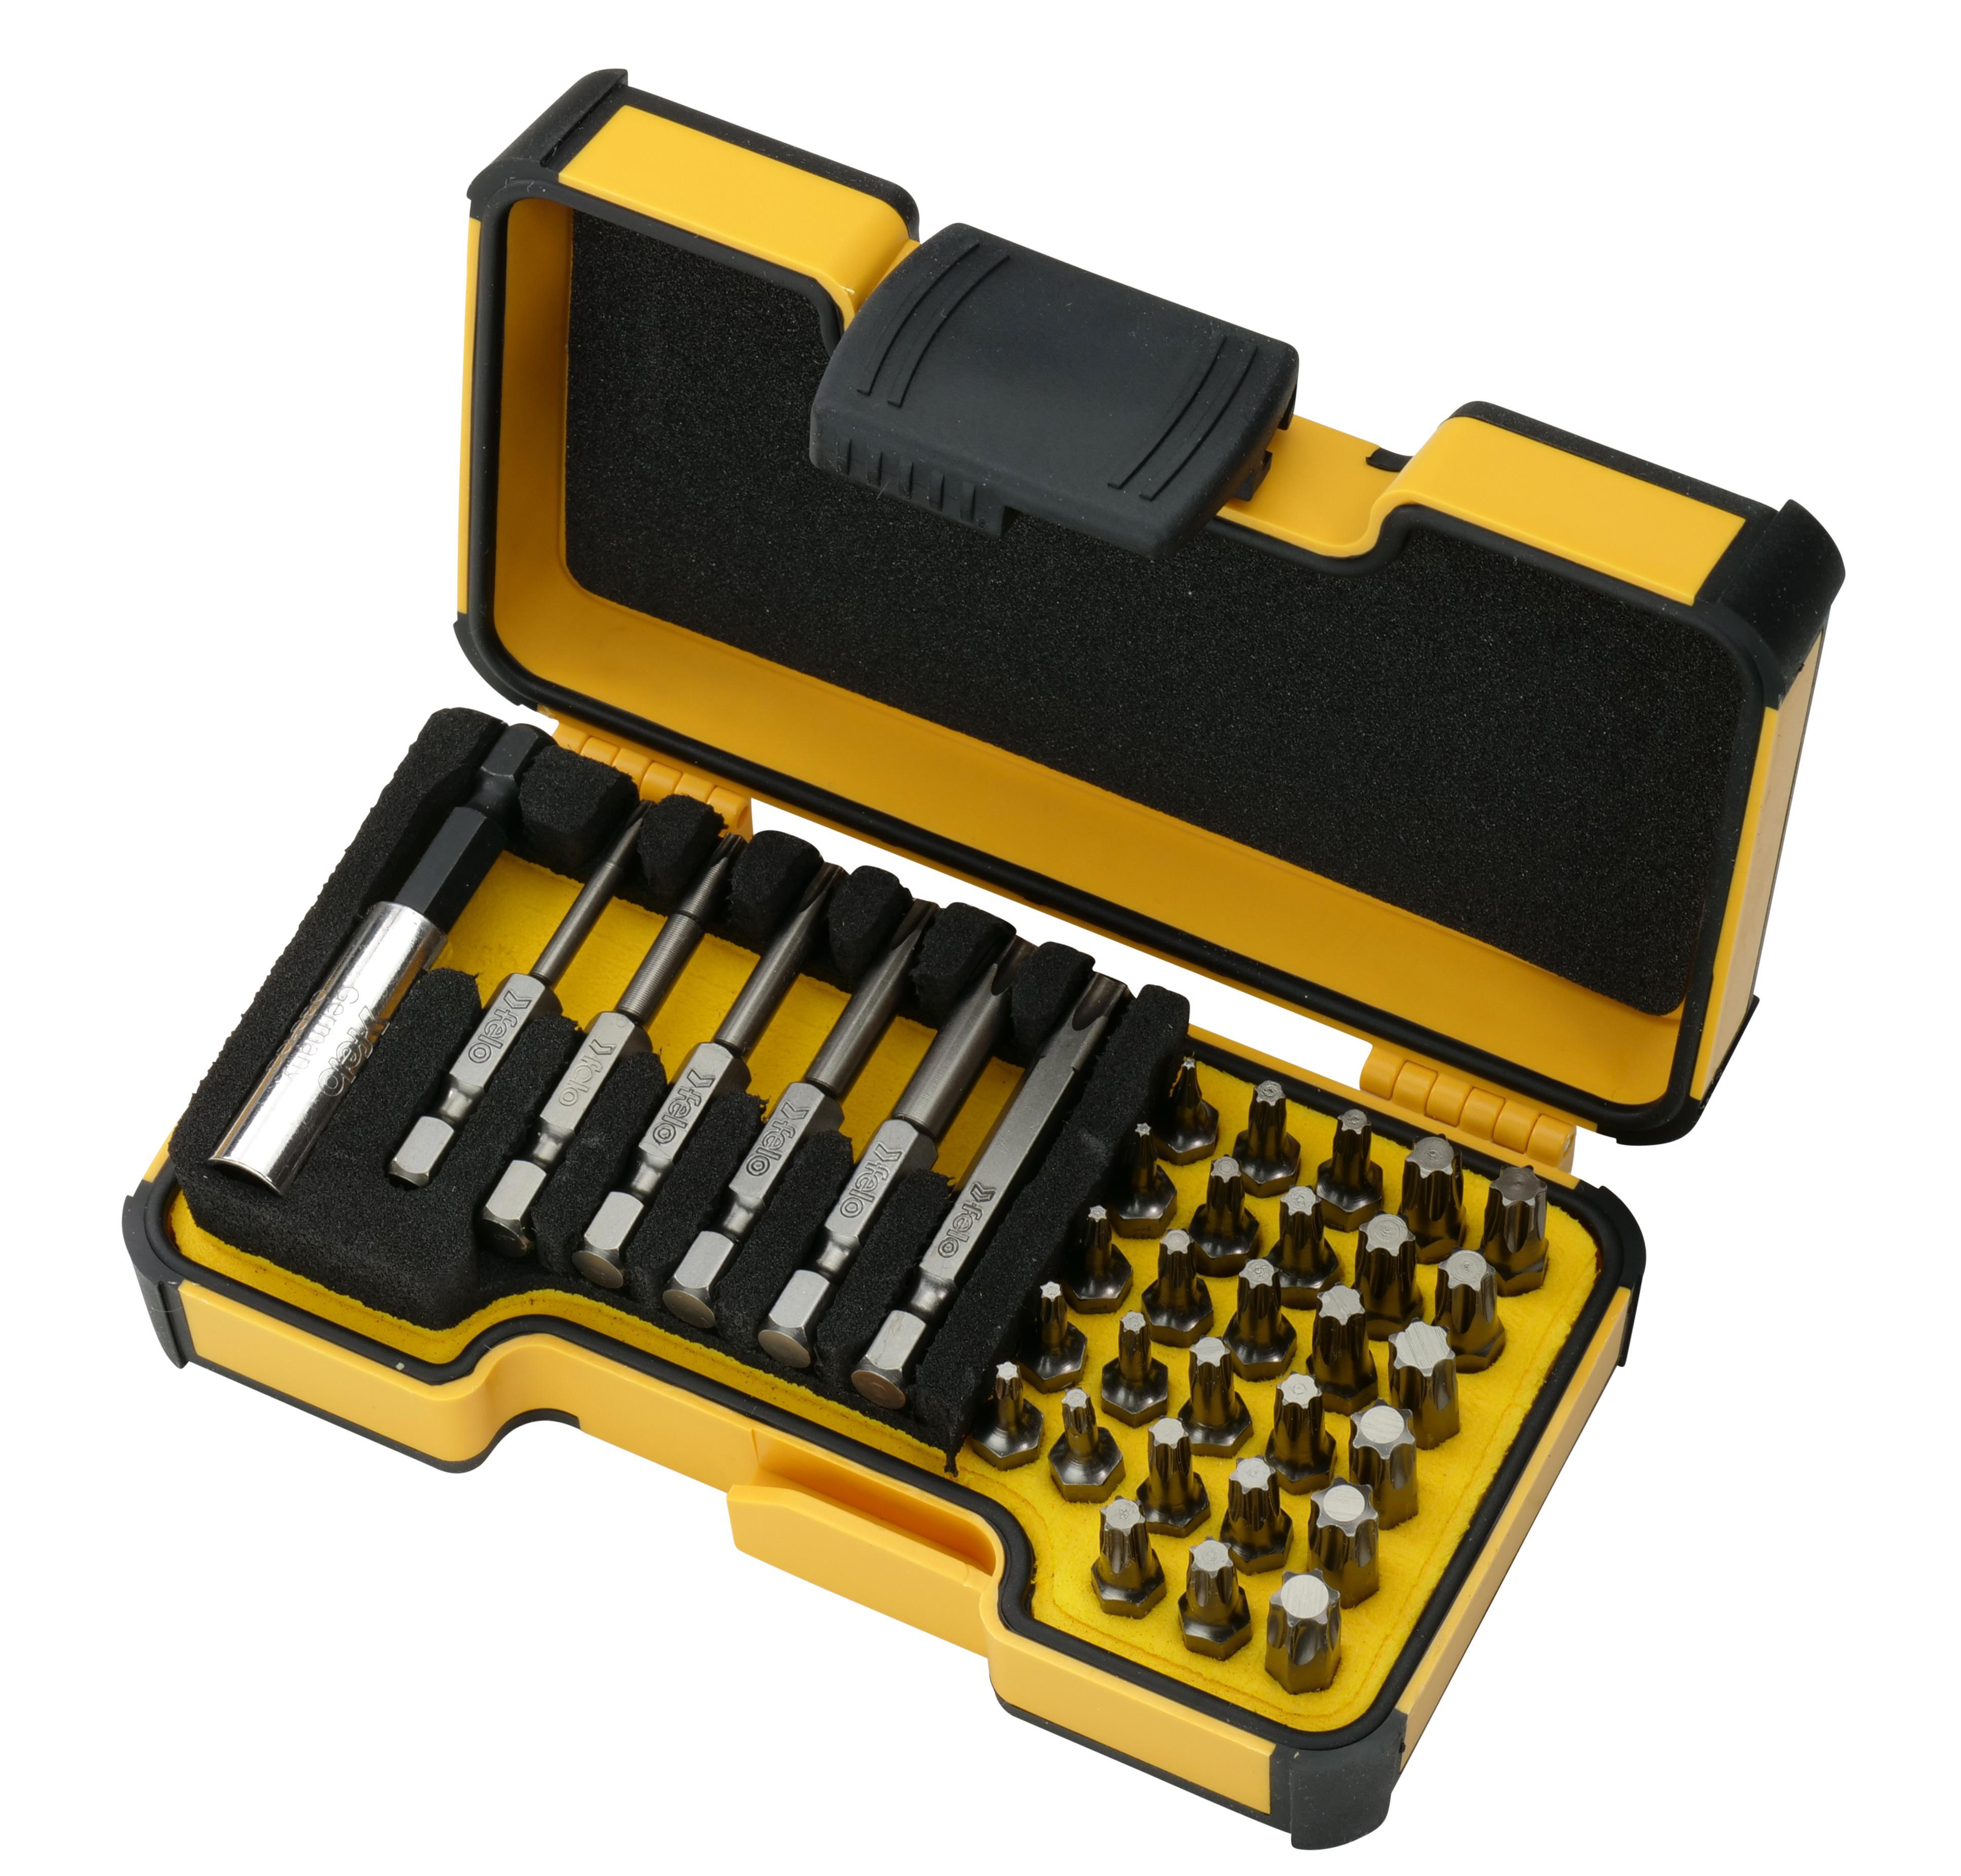 Набор бит Felo T (02073526) набор бит felo torx 35 шт в кейсе серия industrial 02073526